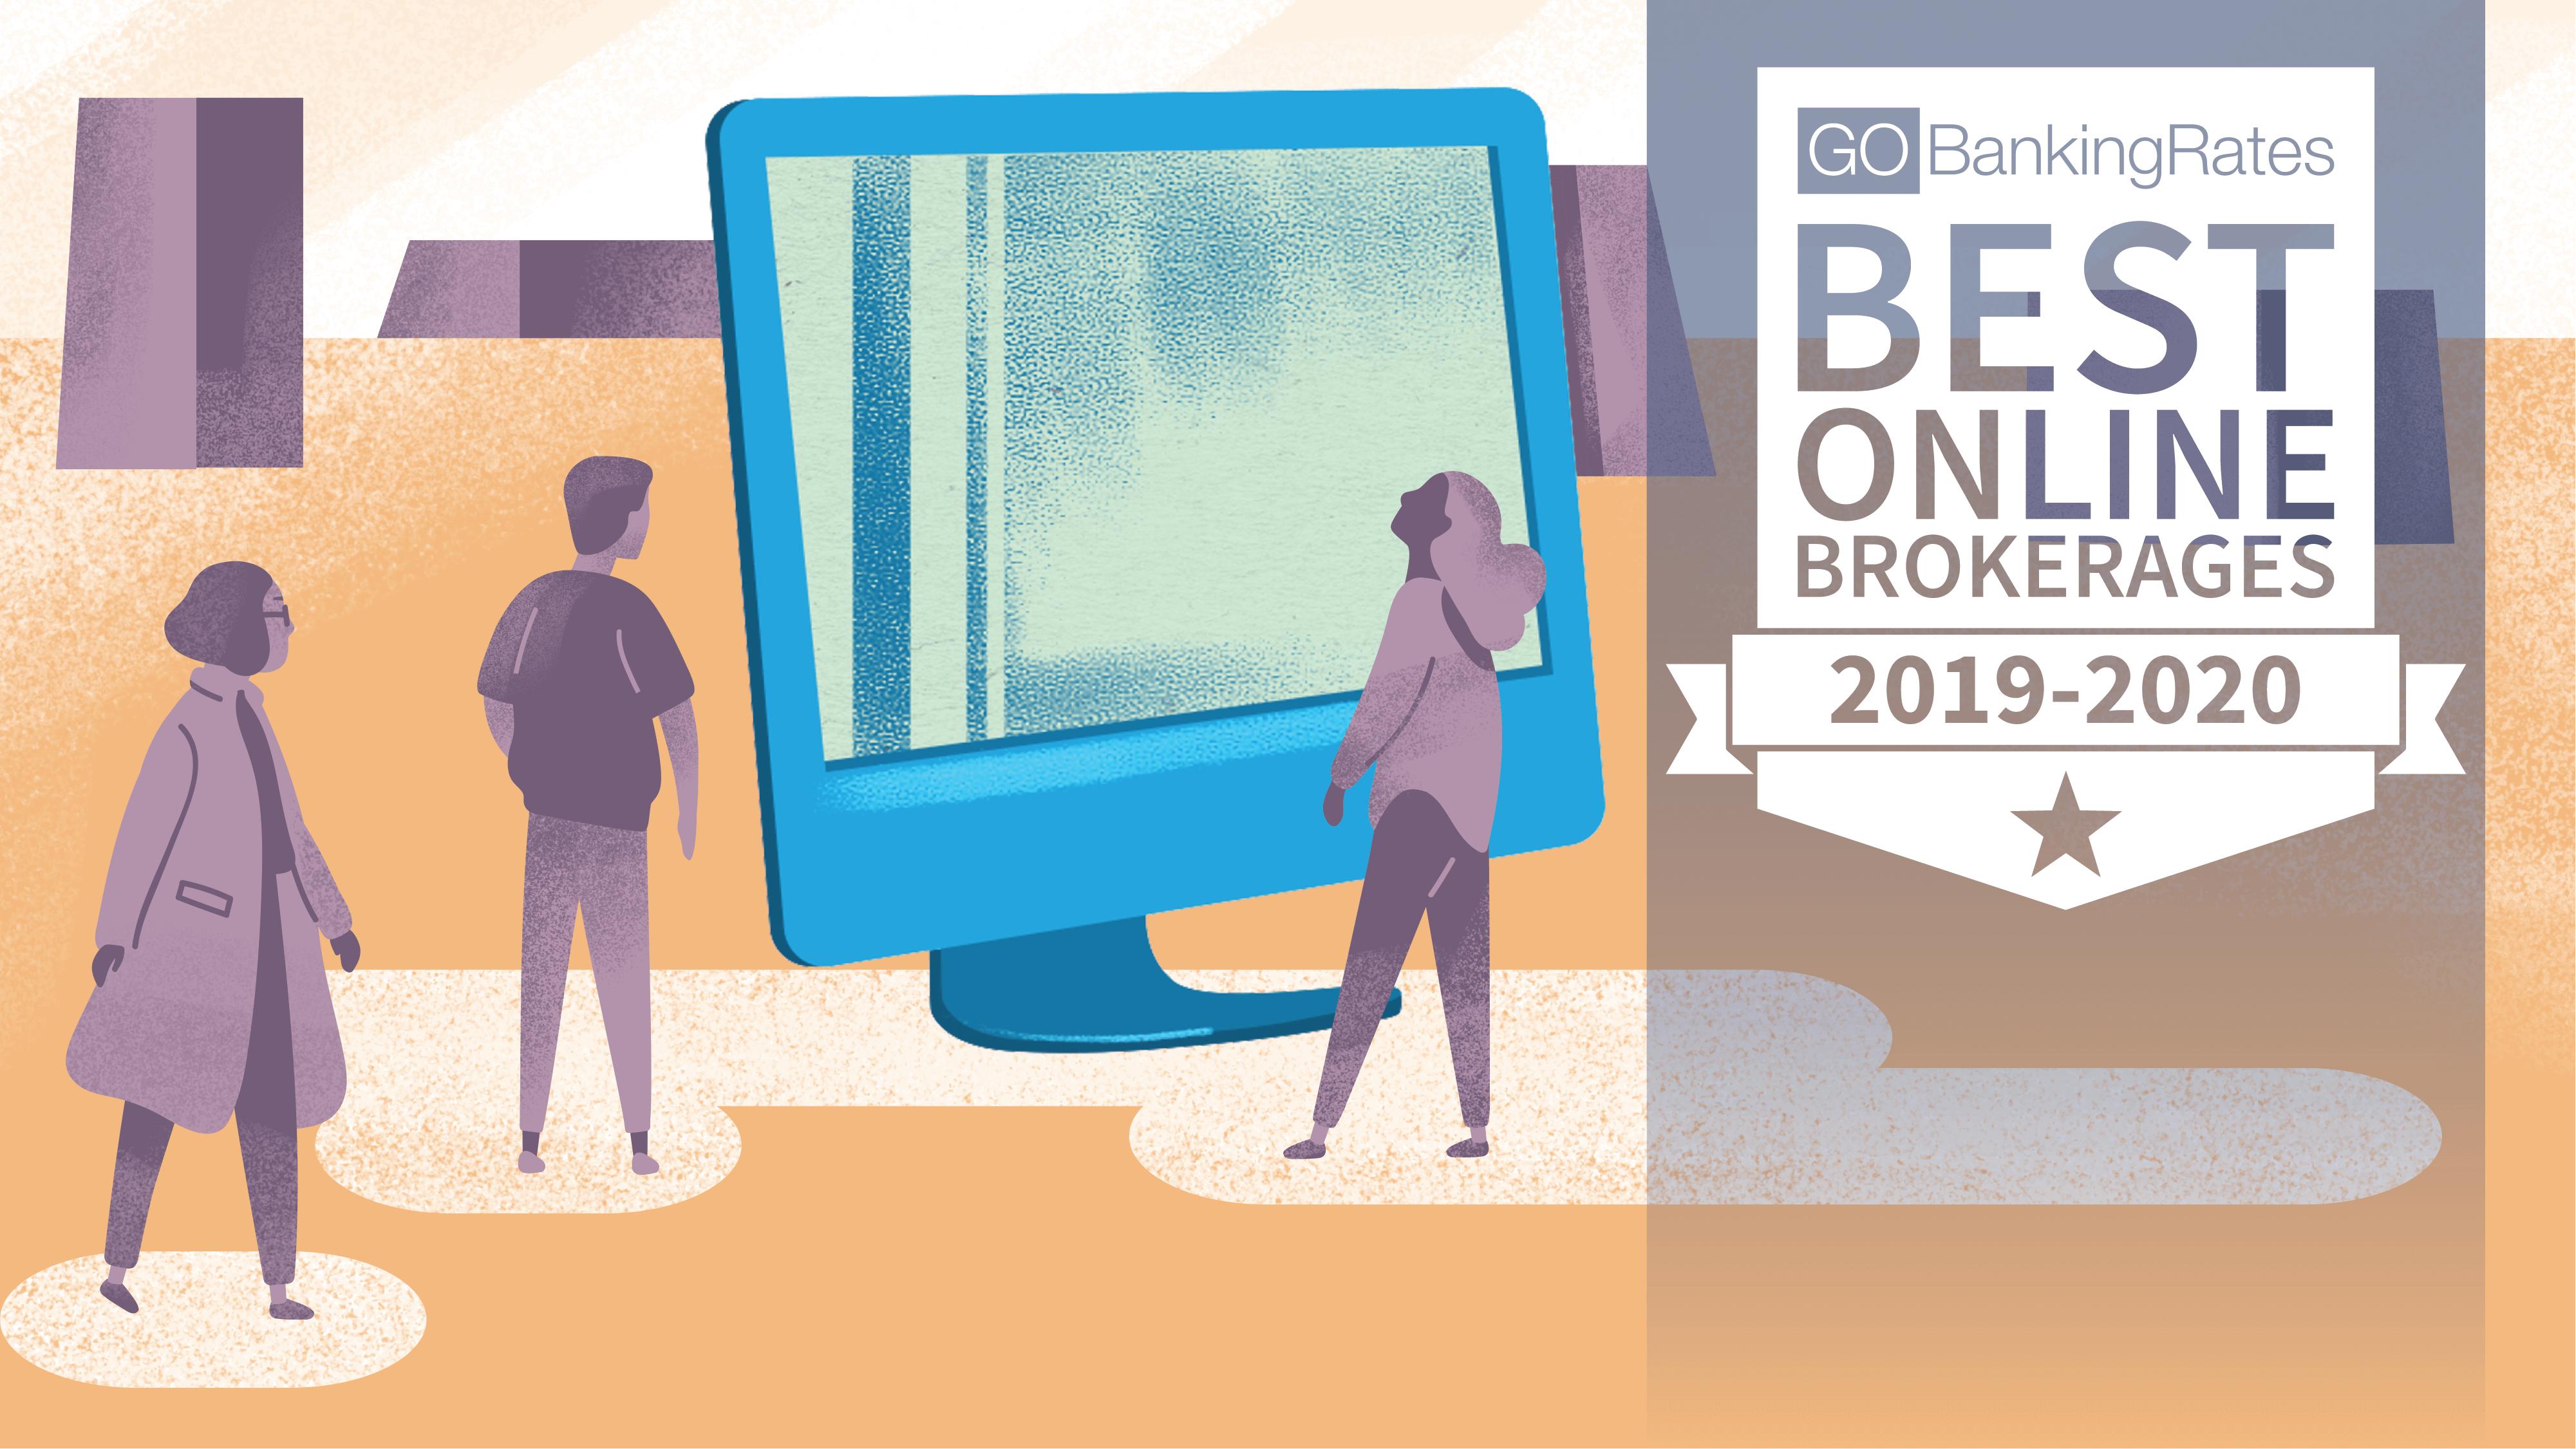 Best Online Brokerages of 2019-2020